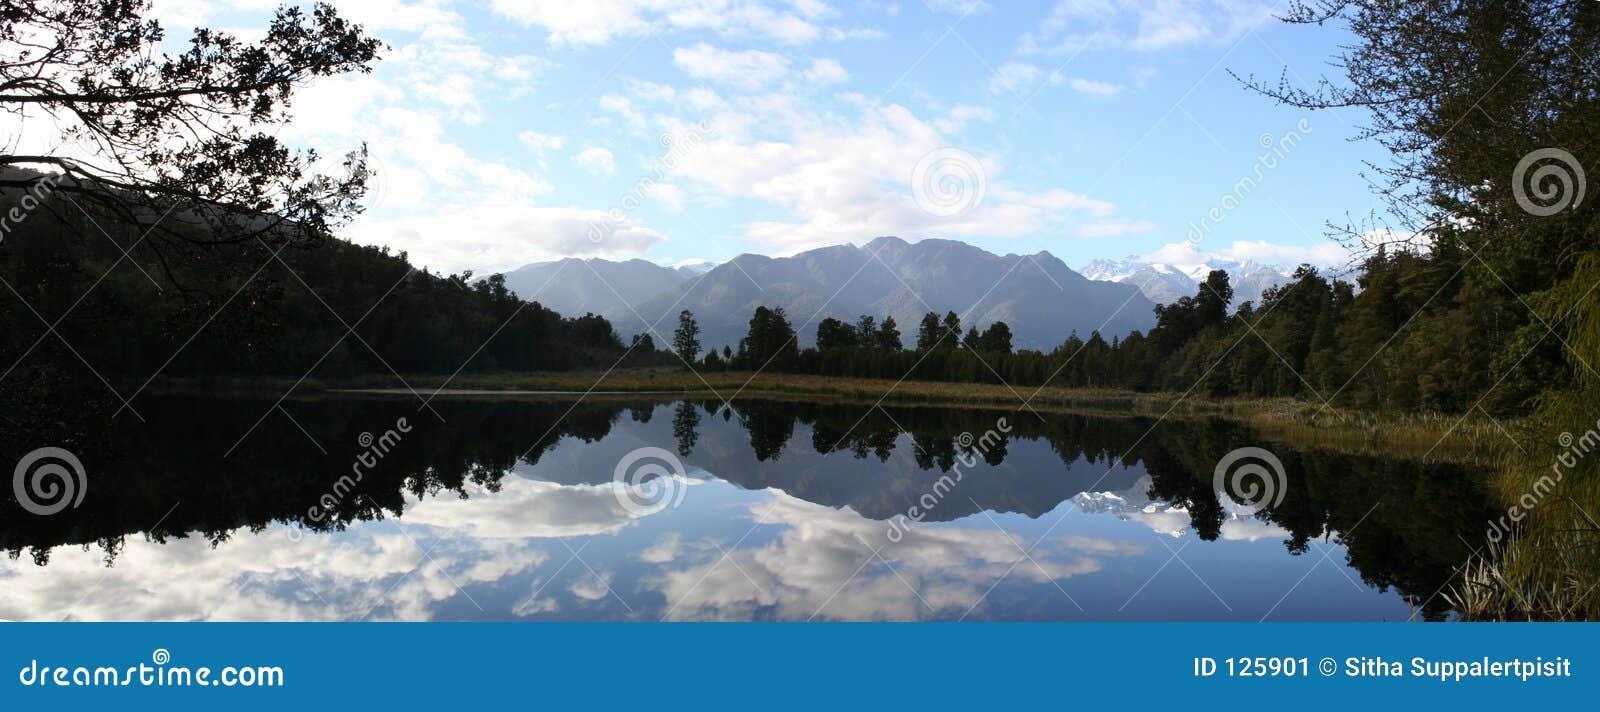 отражение zealand панорамы matheson озера новое